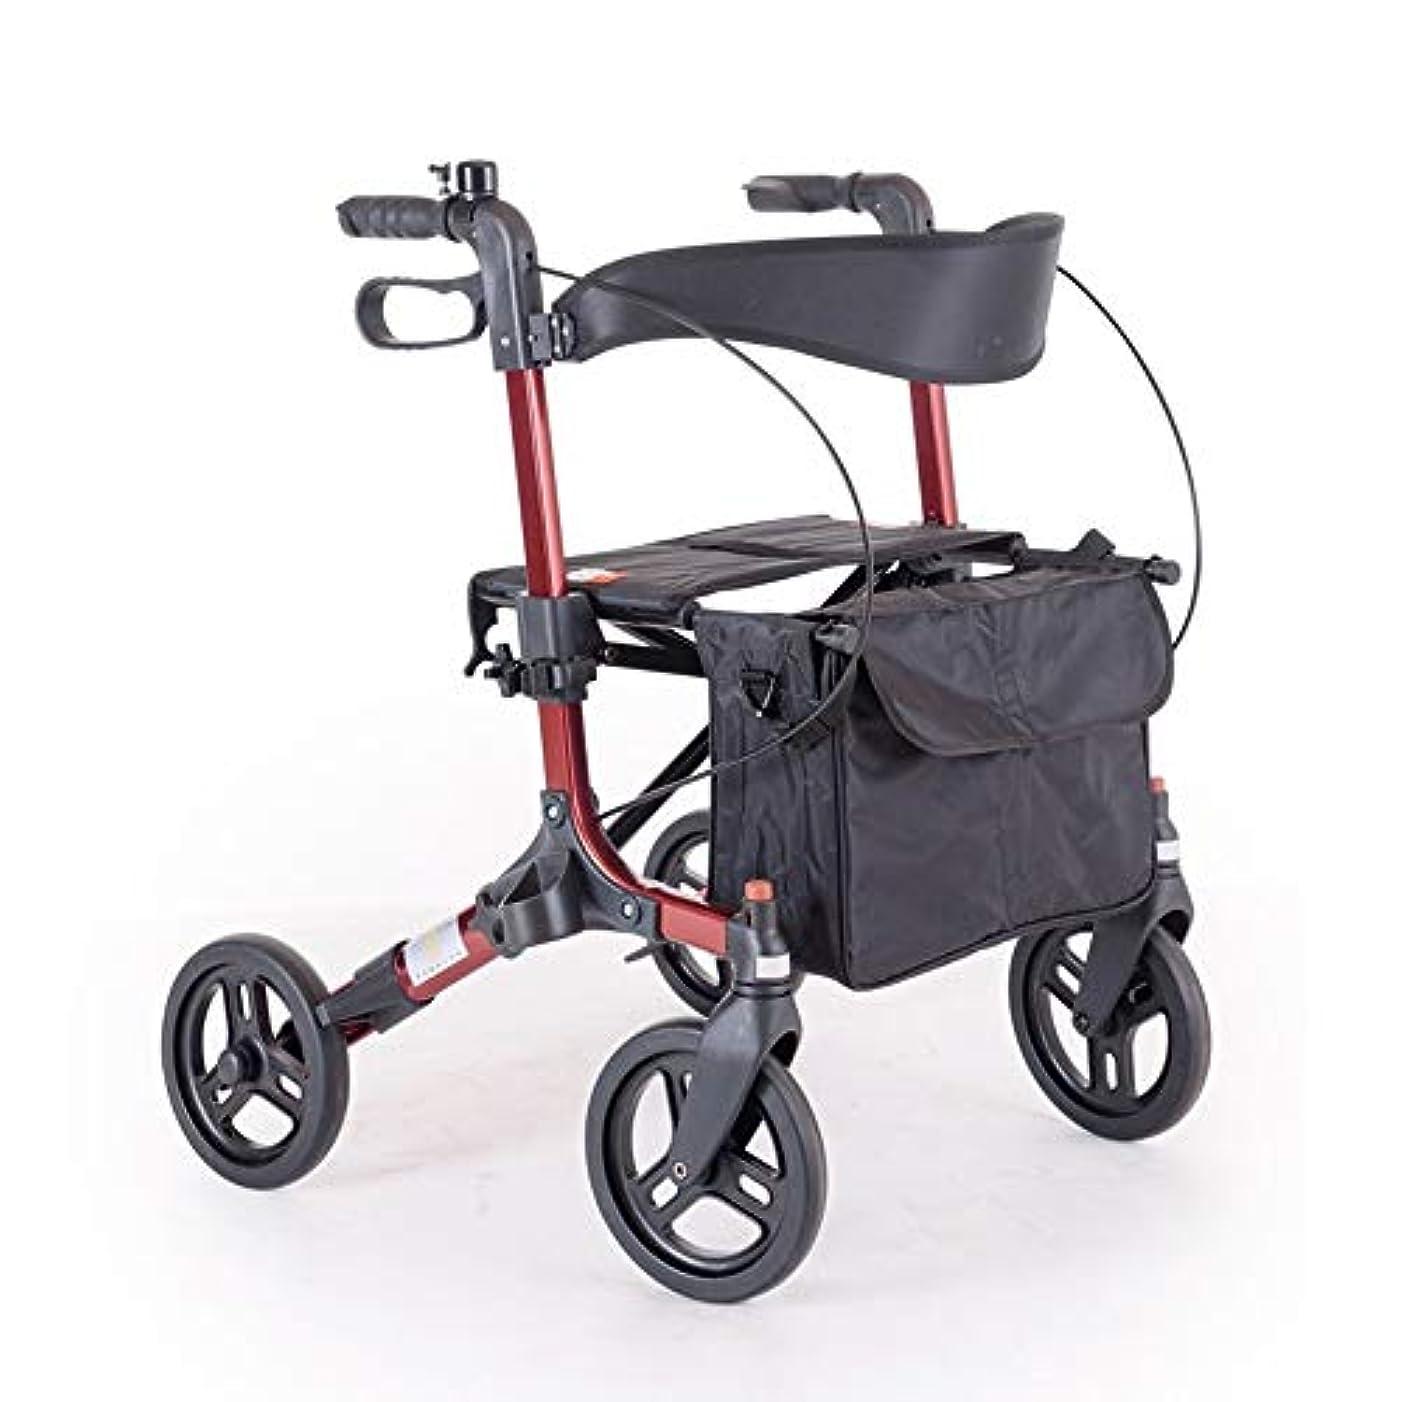 気味の悪いローマ人樹木折り畳み式の軽量コンパクトな歩行器、シートとバッグ付き